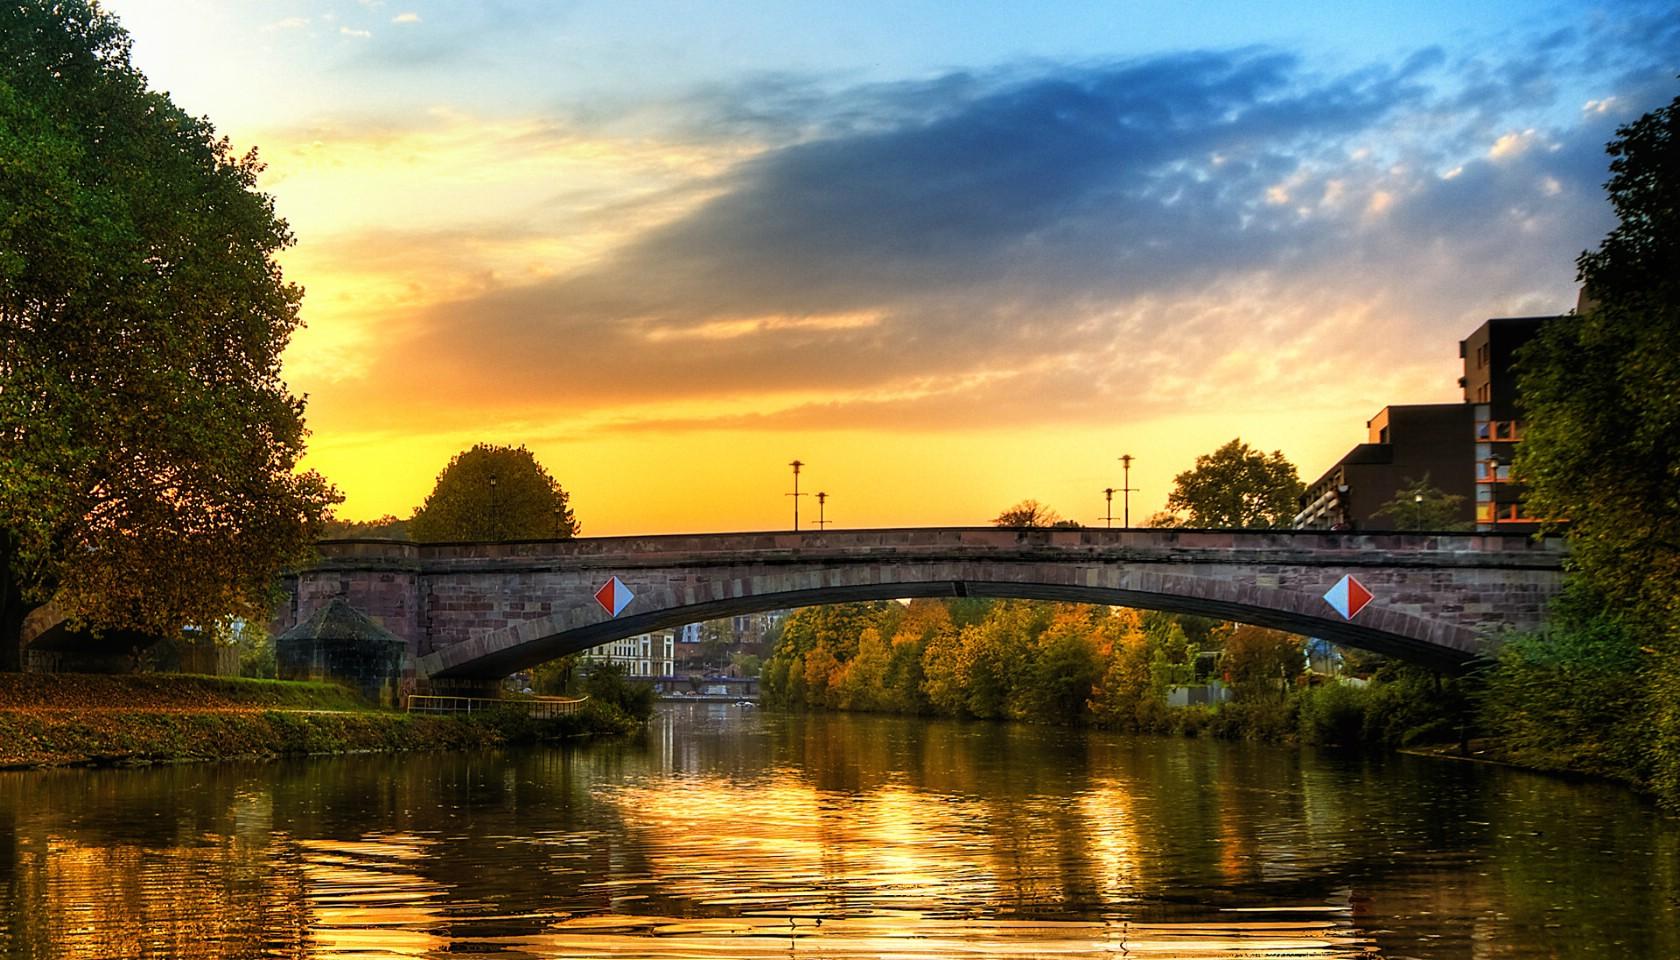 德国城市风景随拍高清桌面壁纸 2560x1600